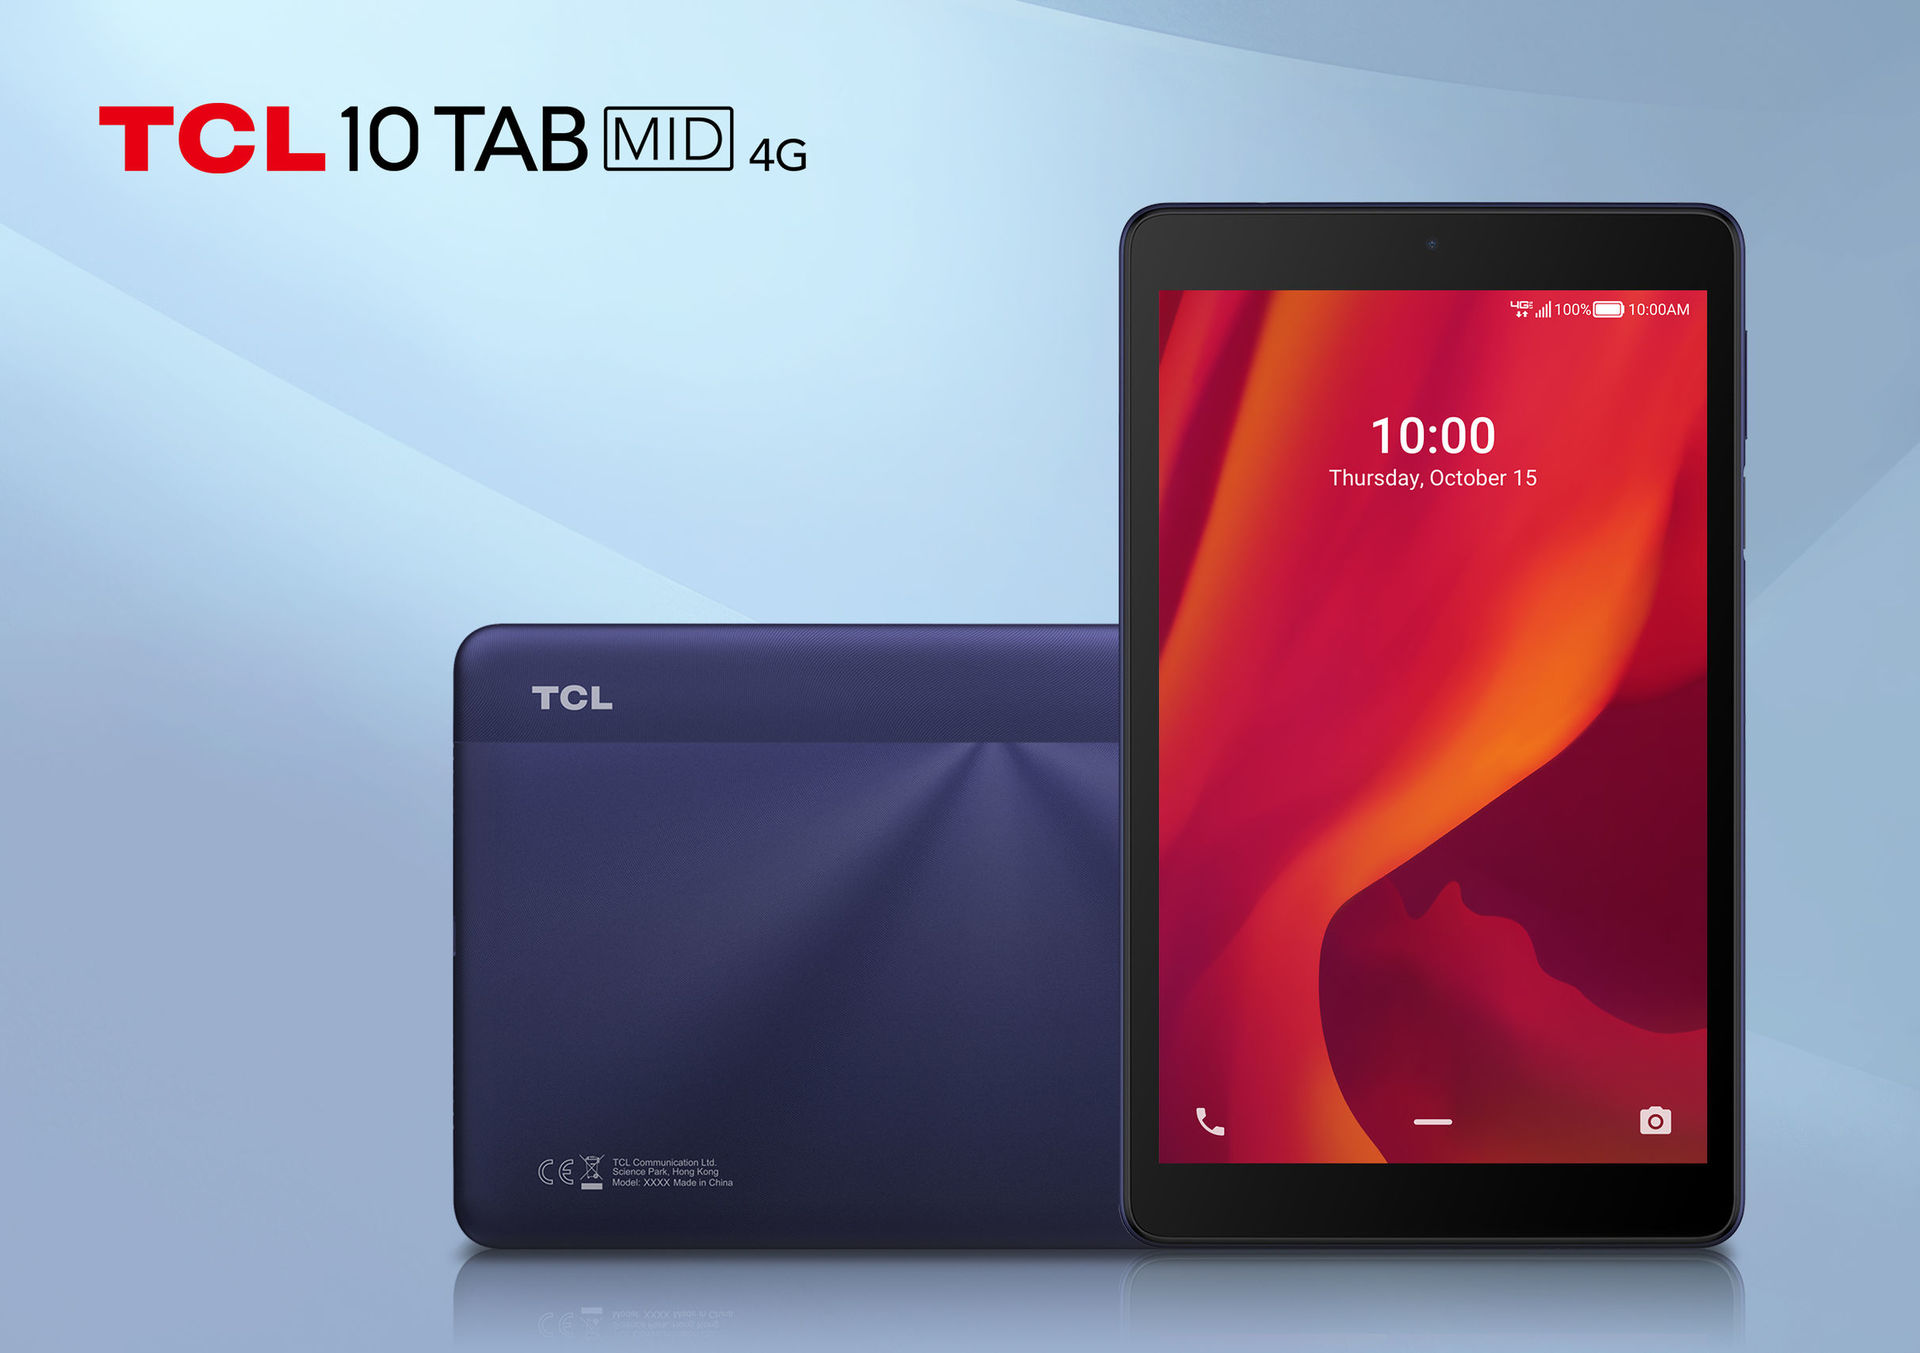 TCL 10 TAB Mid